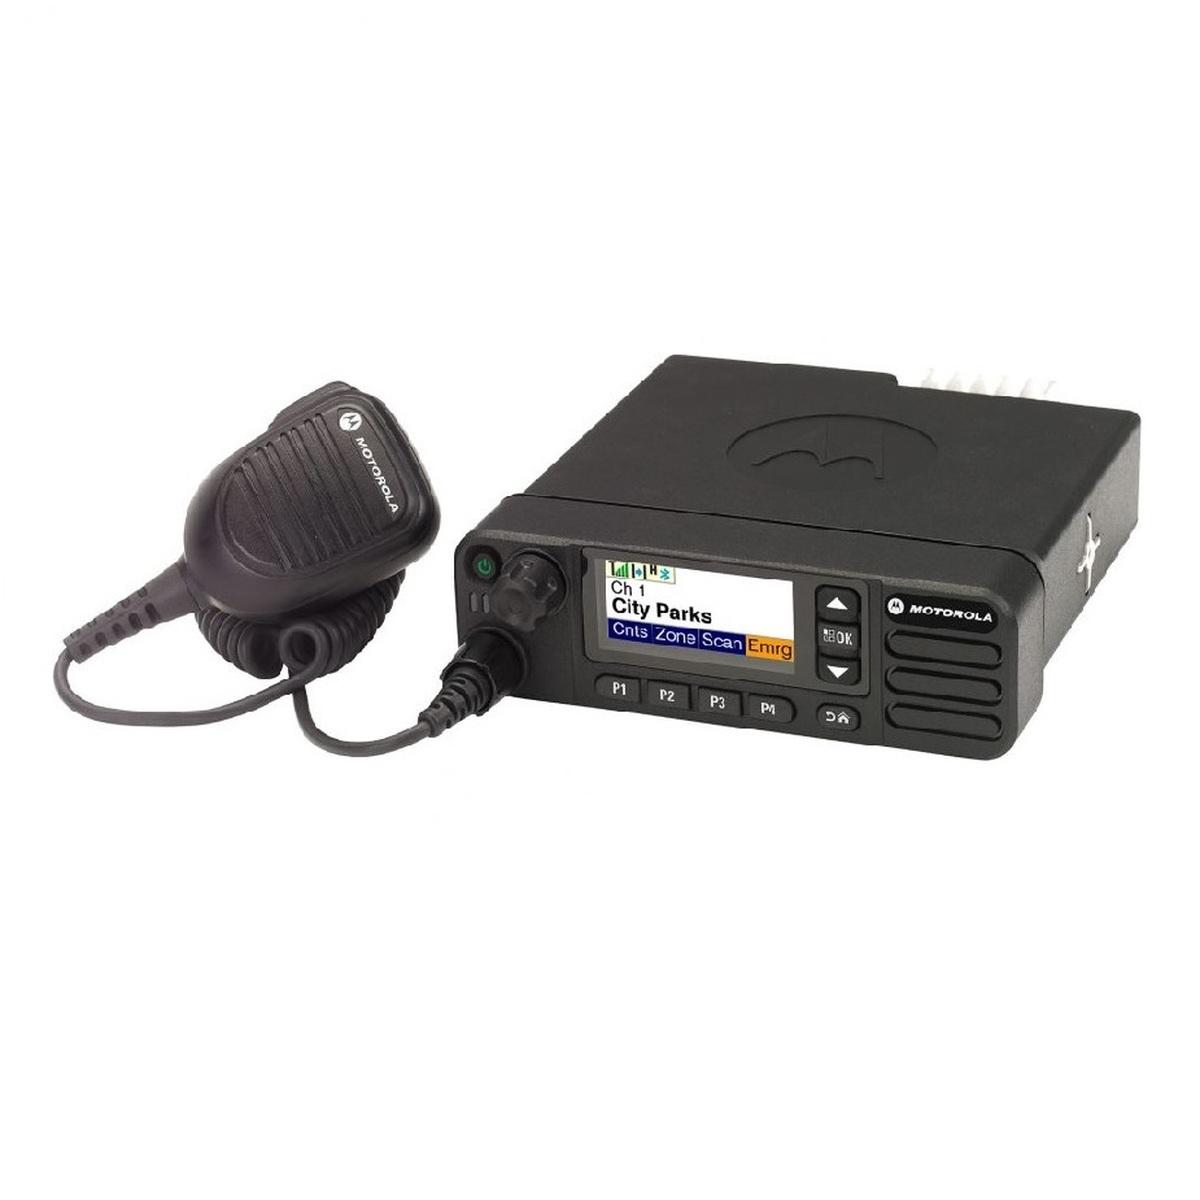 Radio Motorola DGM5500e Digital LAM28QPN9SA1AN UHF 403-470 MHZ de 40W